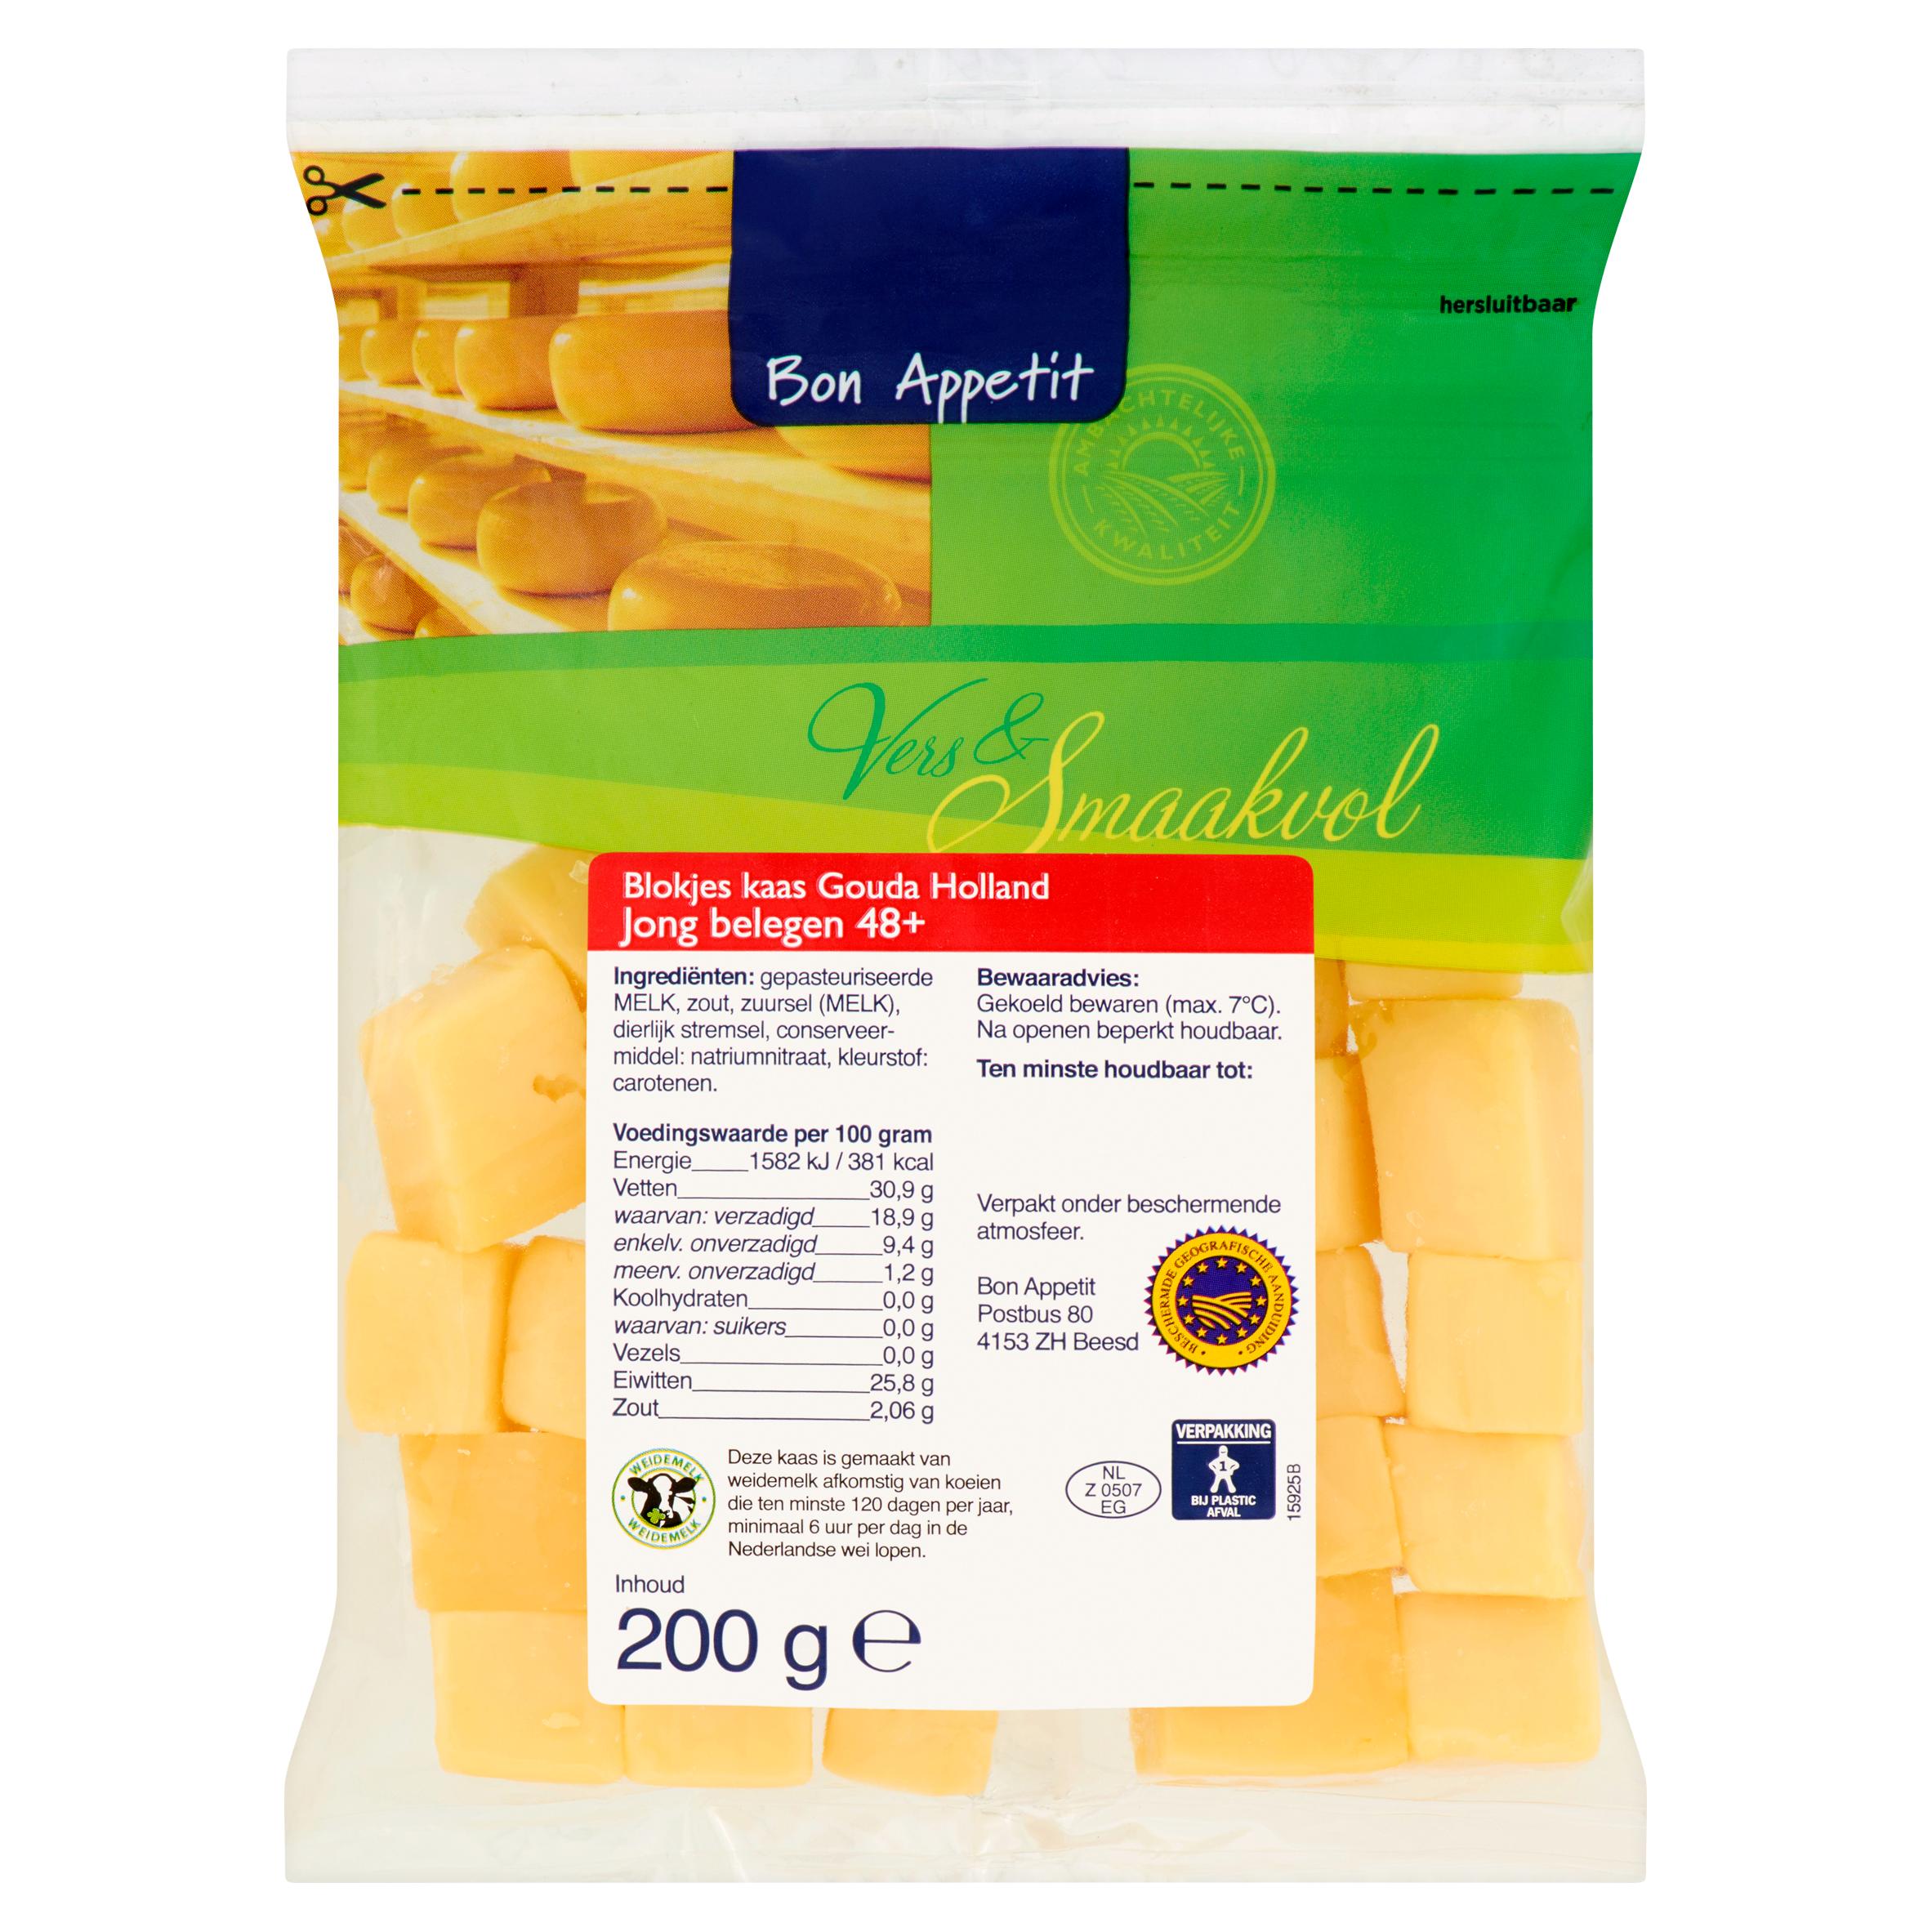 Bon Appetit Blokjes Kaas Gouda Holland Jong Belegen 48+ 200 g